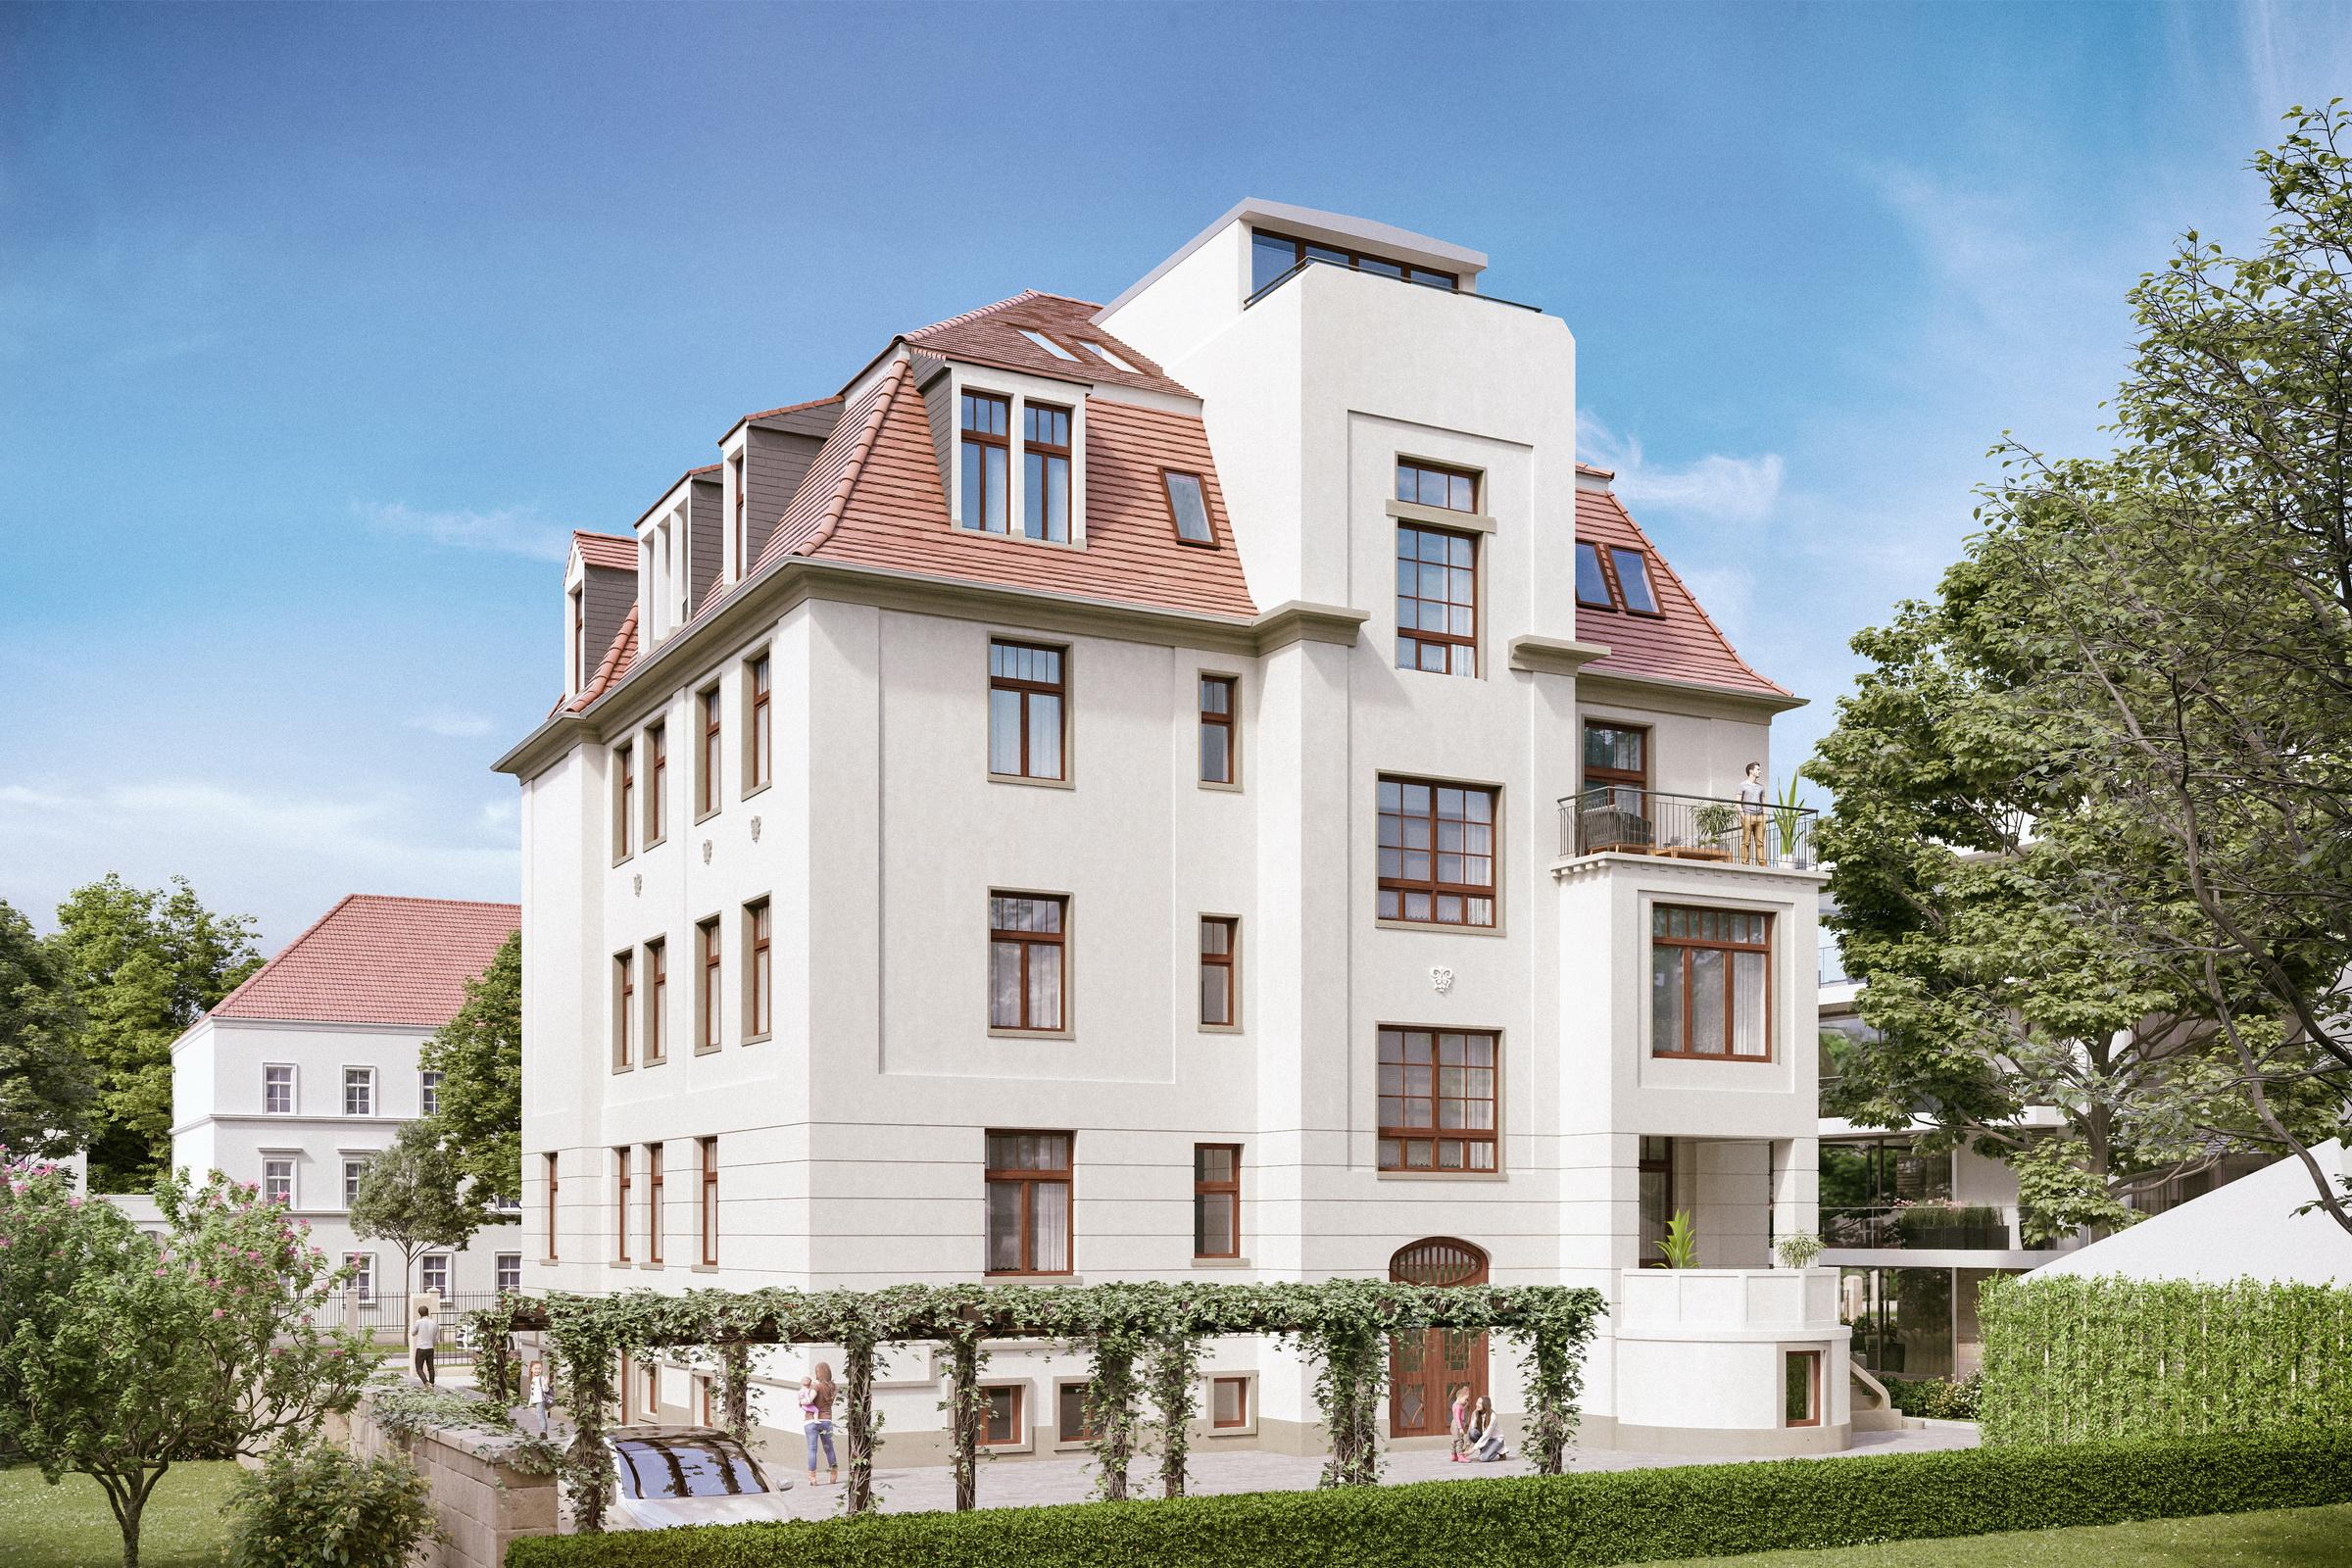 Pohl_Pohl_Architekten_Georgenstrasse_4_Altbau_Hof_170830_r